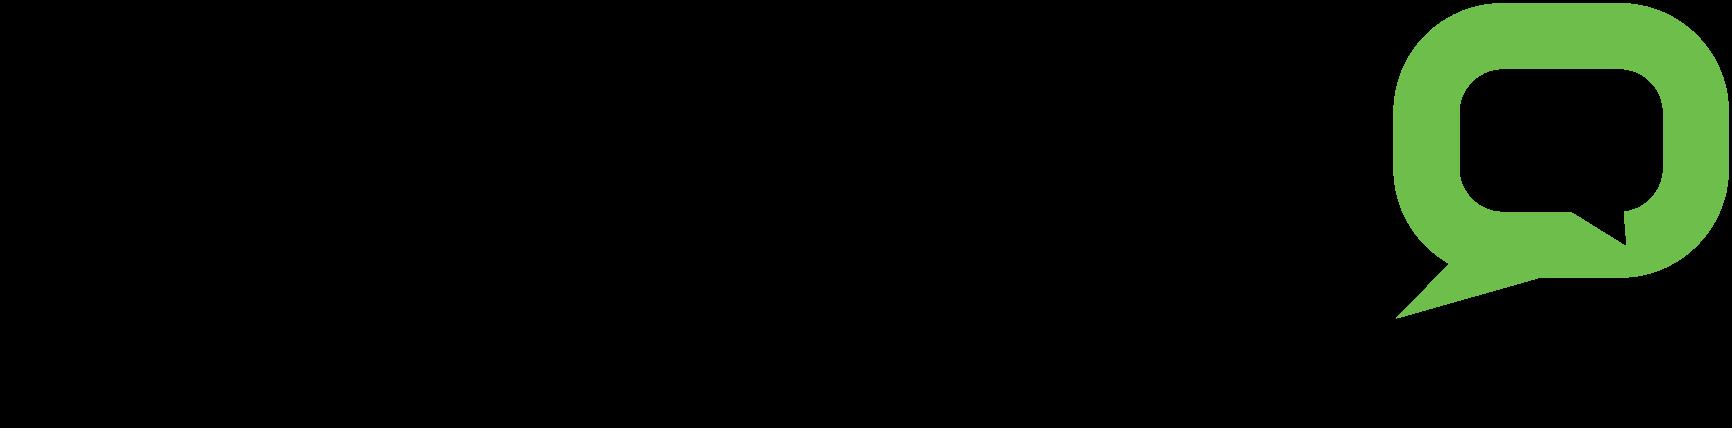 Invoca_Logo_RGB_Large.png